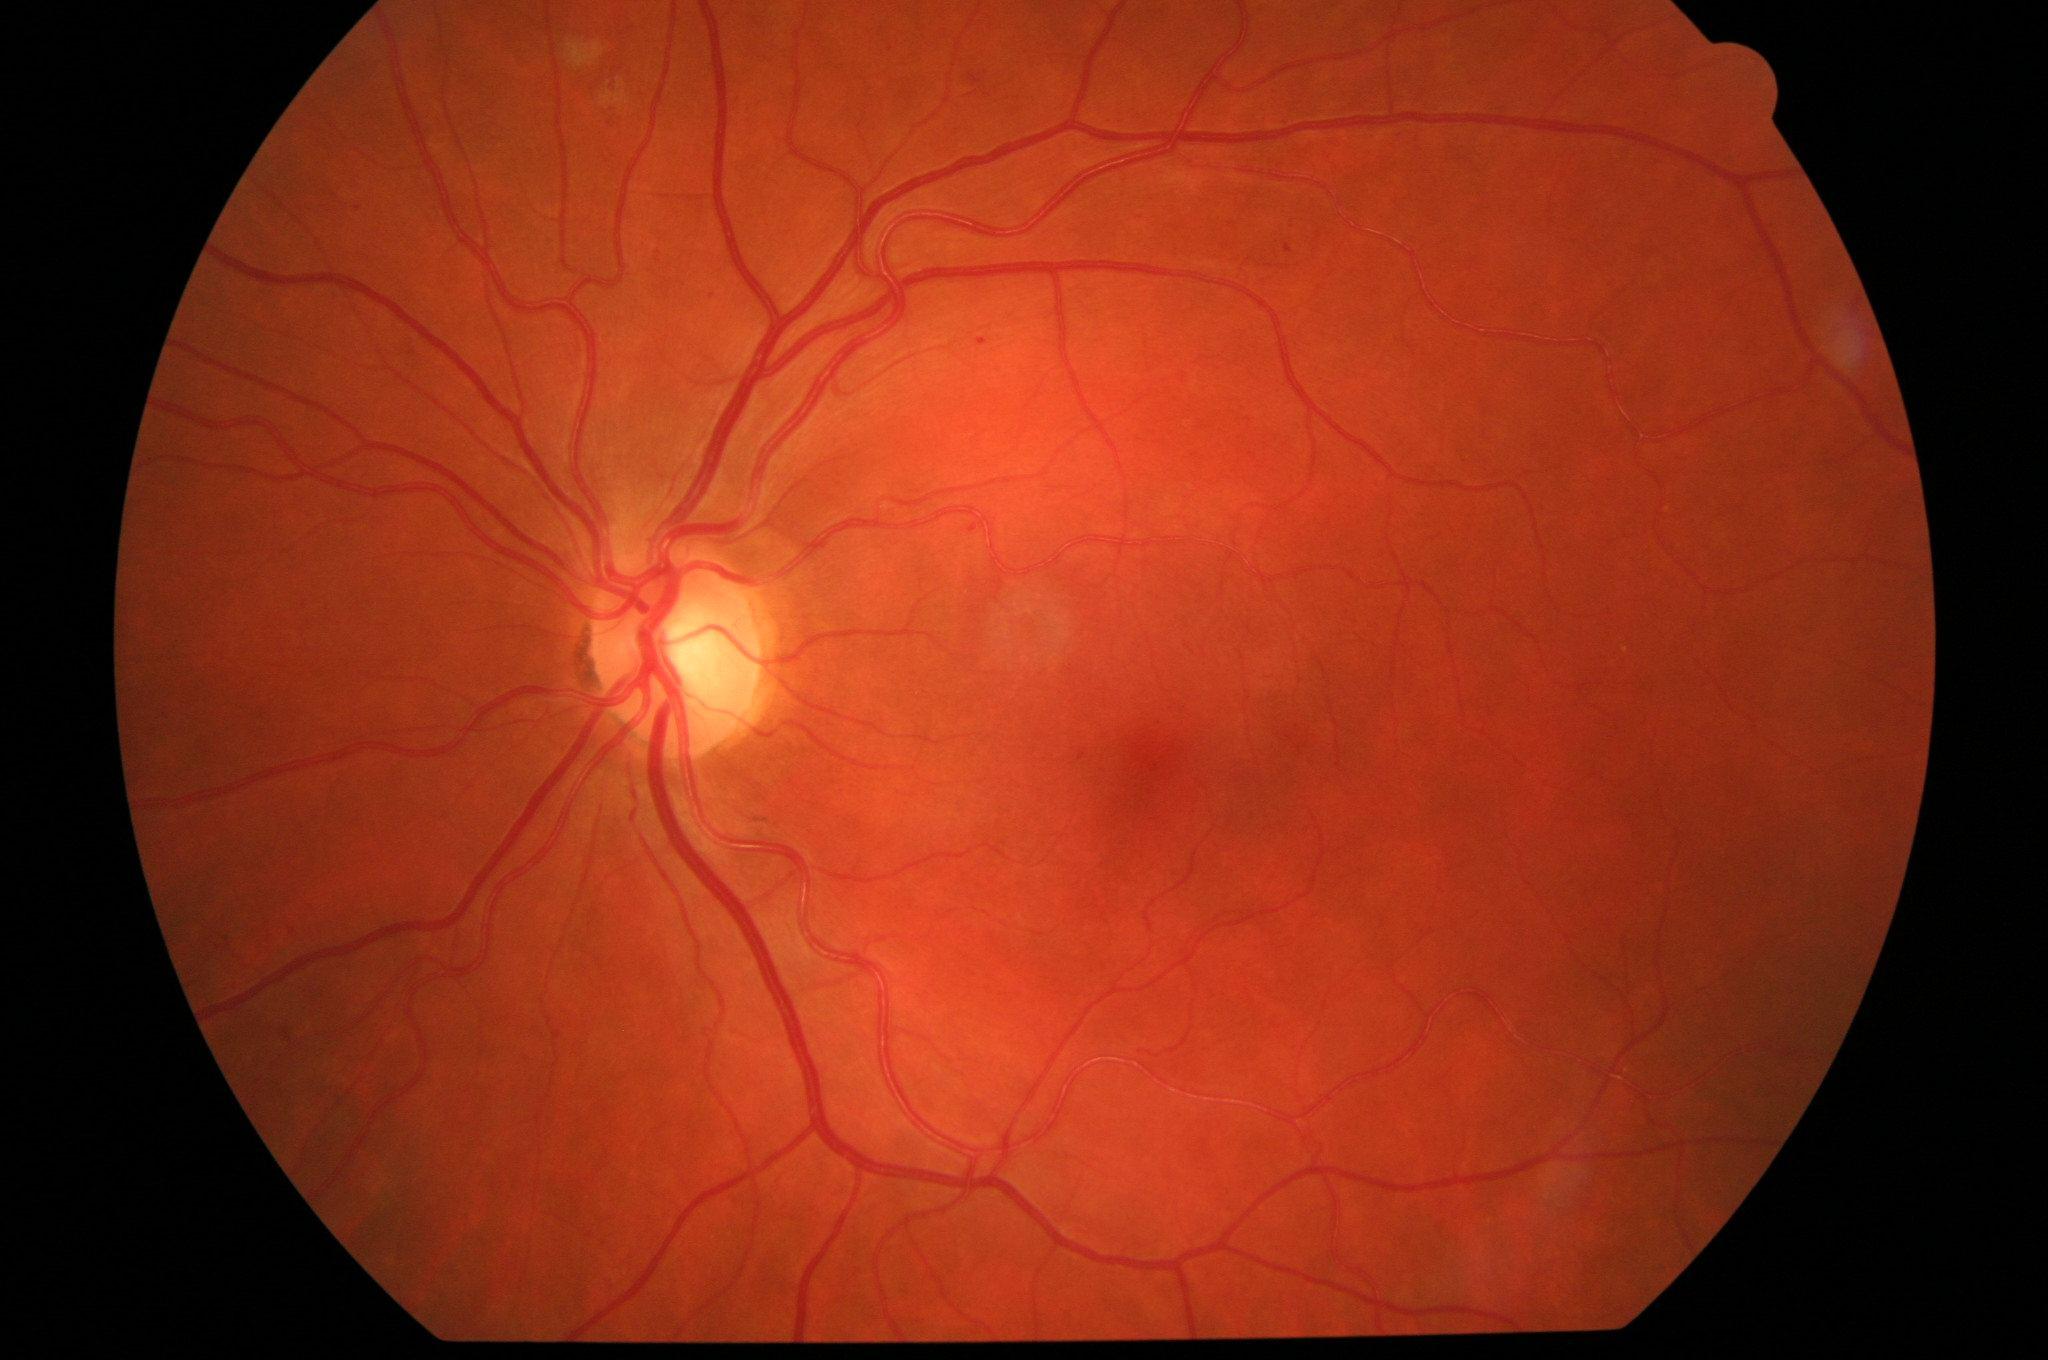 La retina y los problemas más comunes, Clinica oftalmologica Bajo-Castro en Oviedo (Asturias)